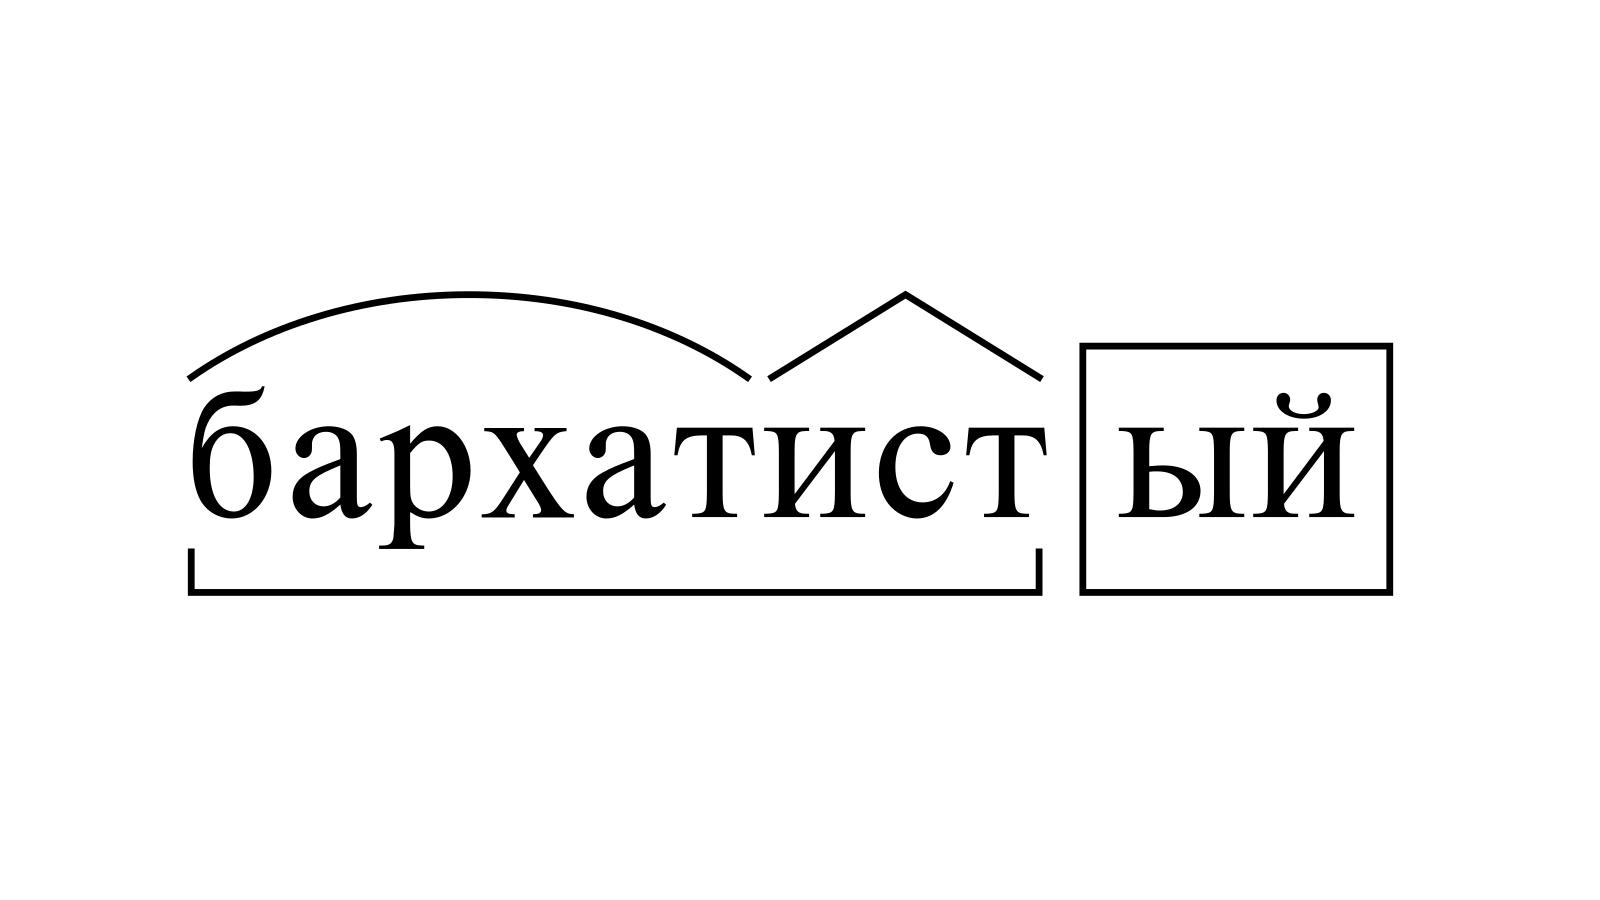 Разбор слова «бархатистый» по составу